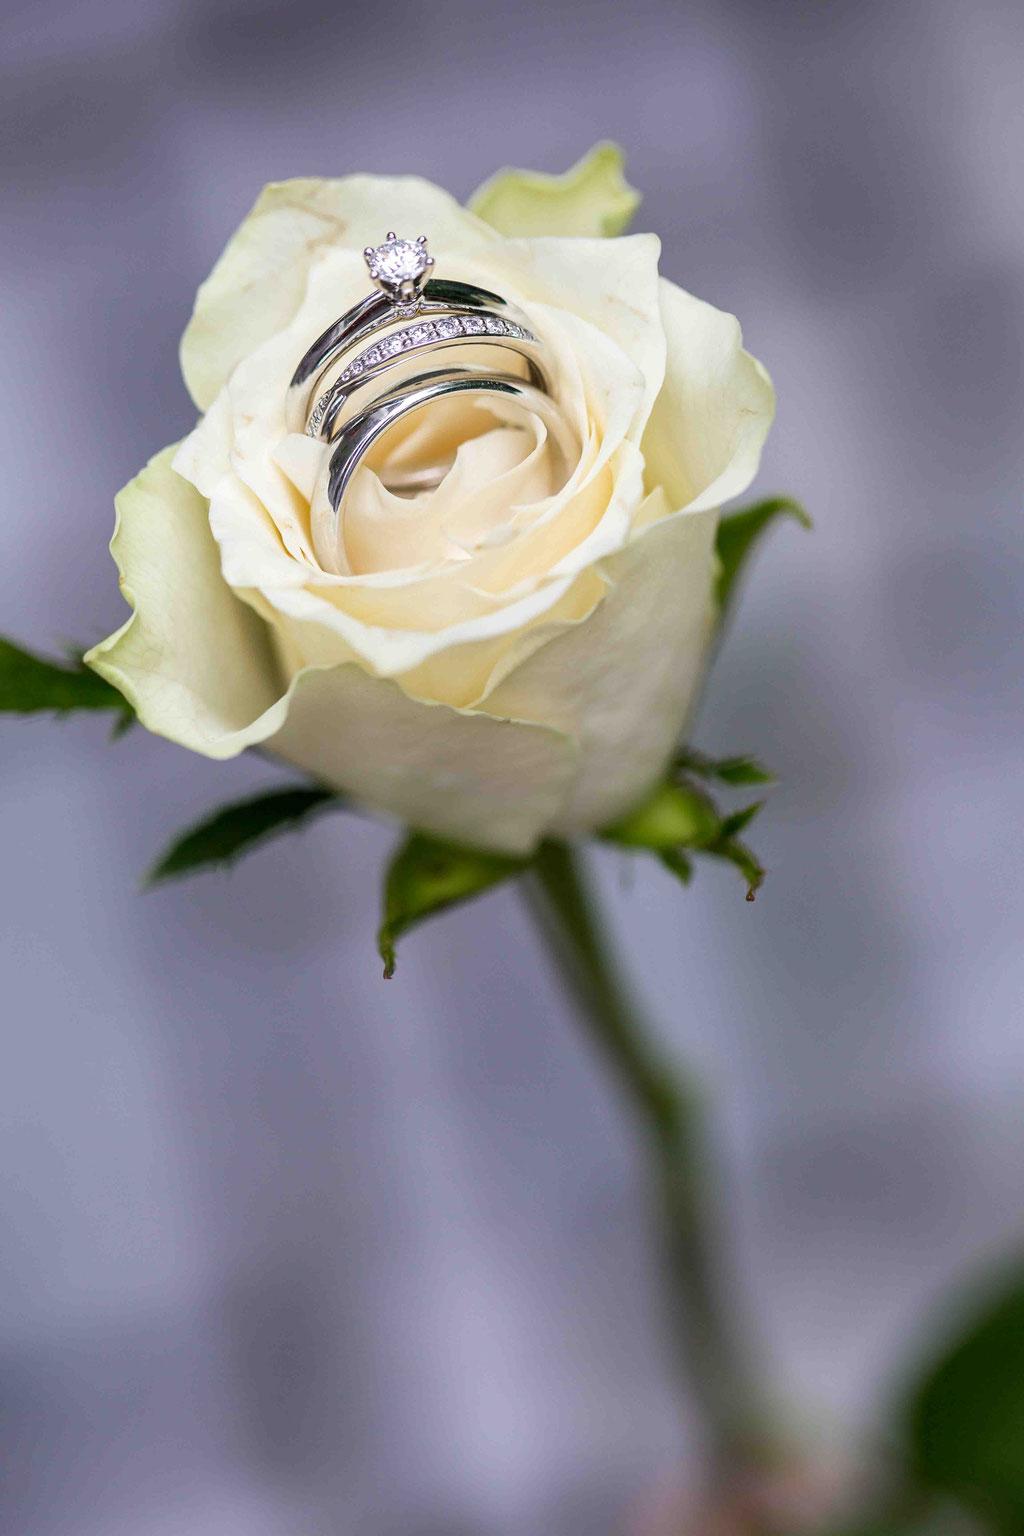 Eheringe in einer Blume, Makroaufnahmen der Eheringe